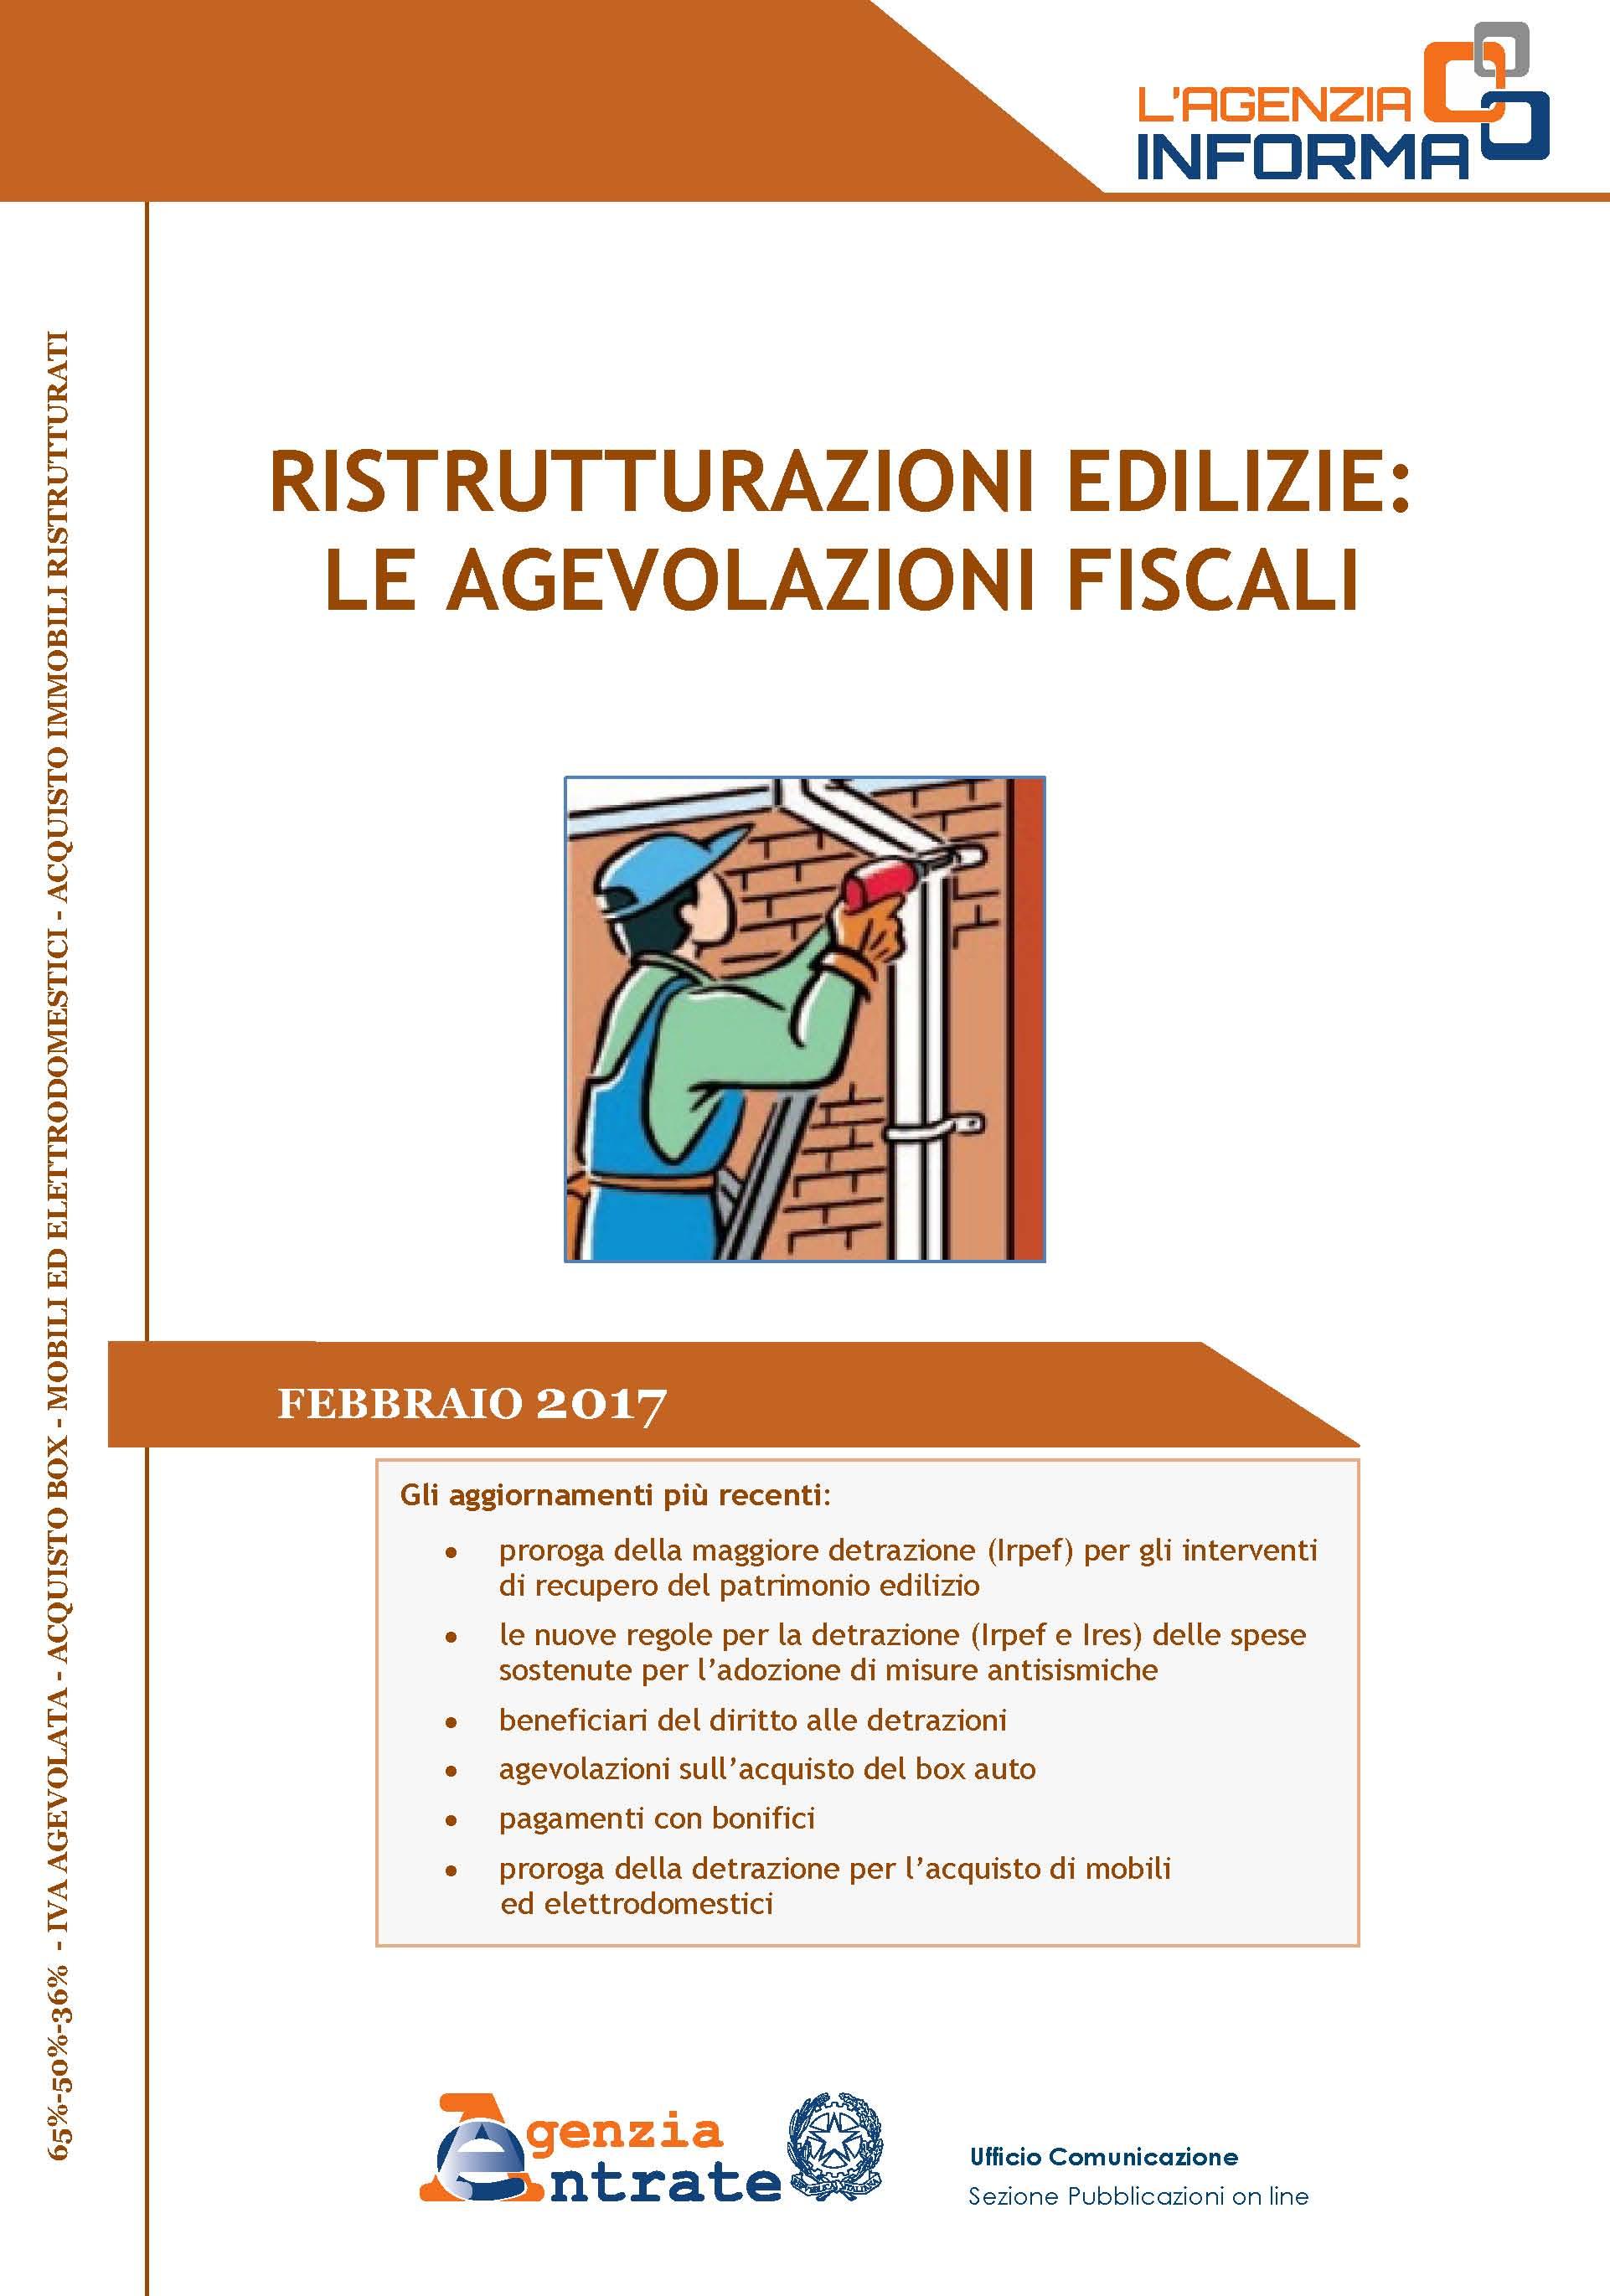 Ristrutturazioni edilizie e bonus mobili nuova guida for Detrazioni fiscali 2017 agenzia delle entrate